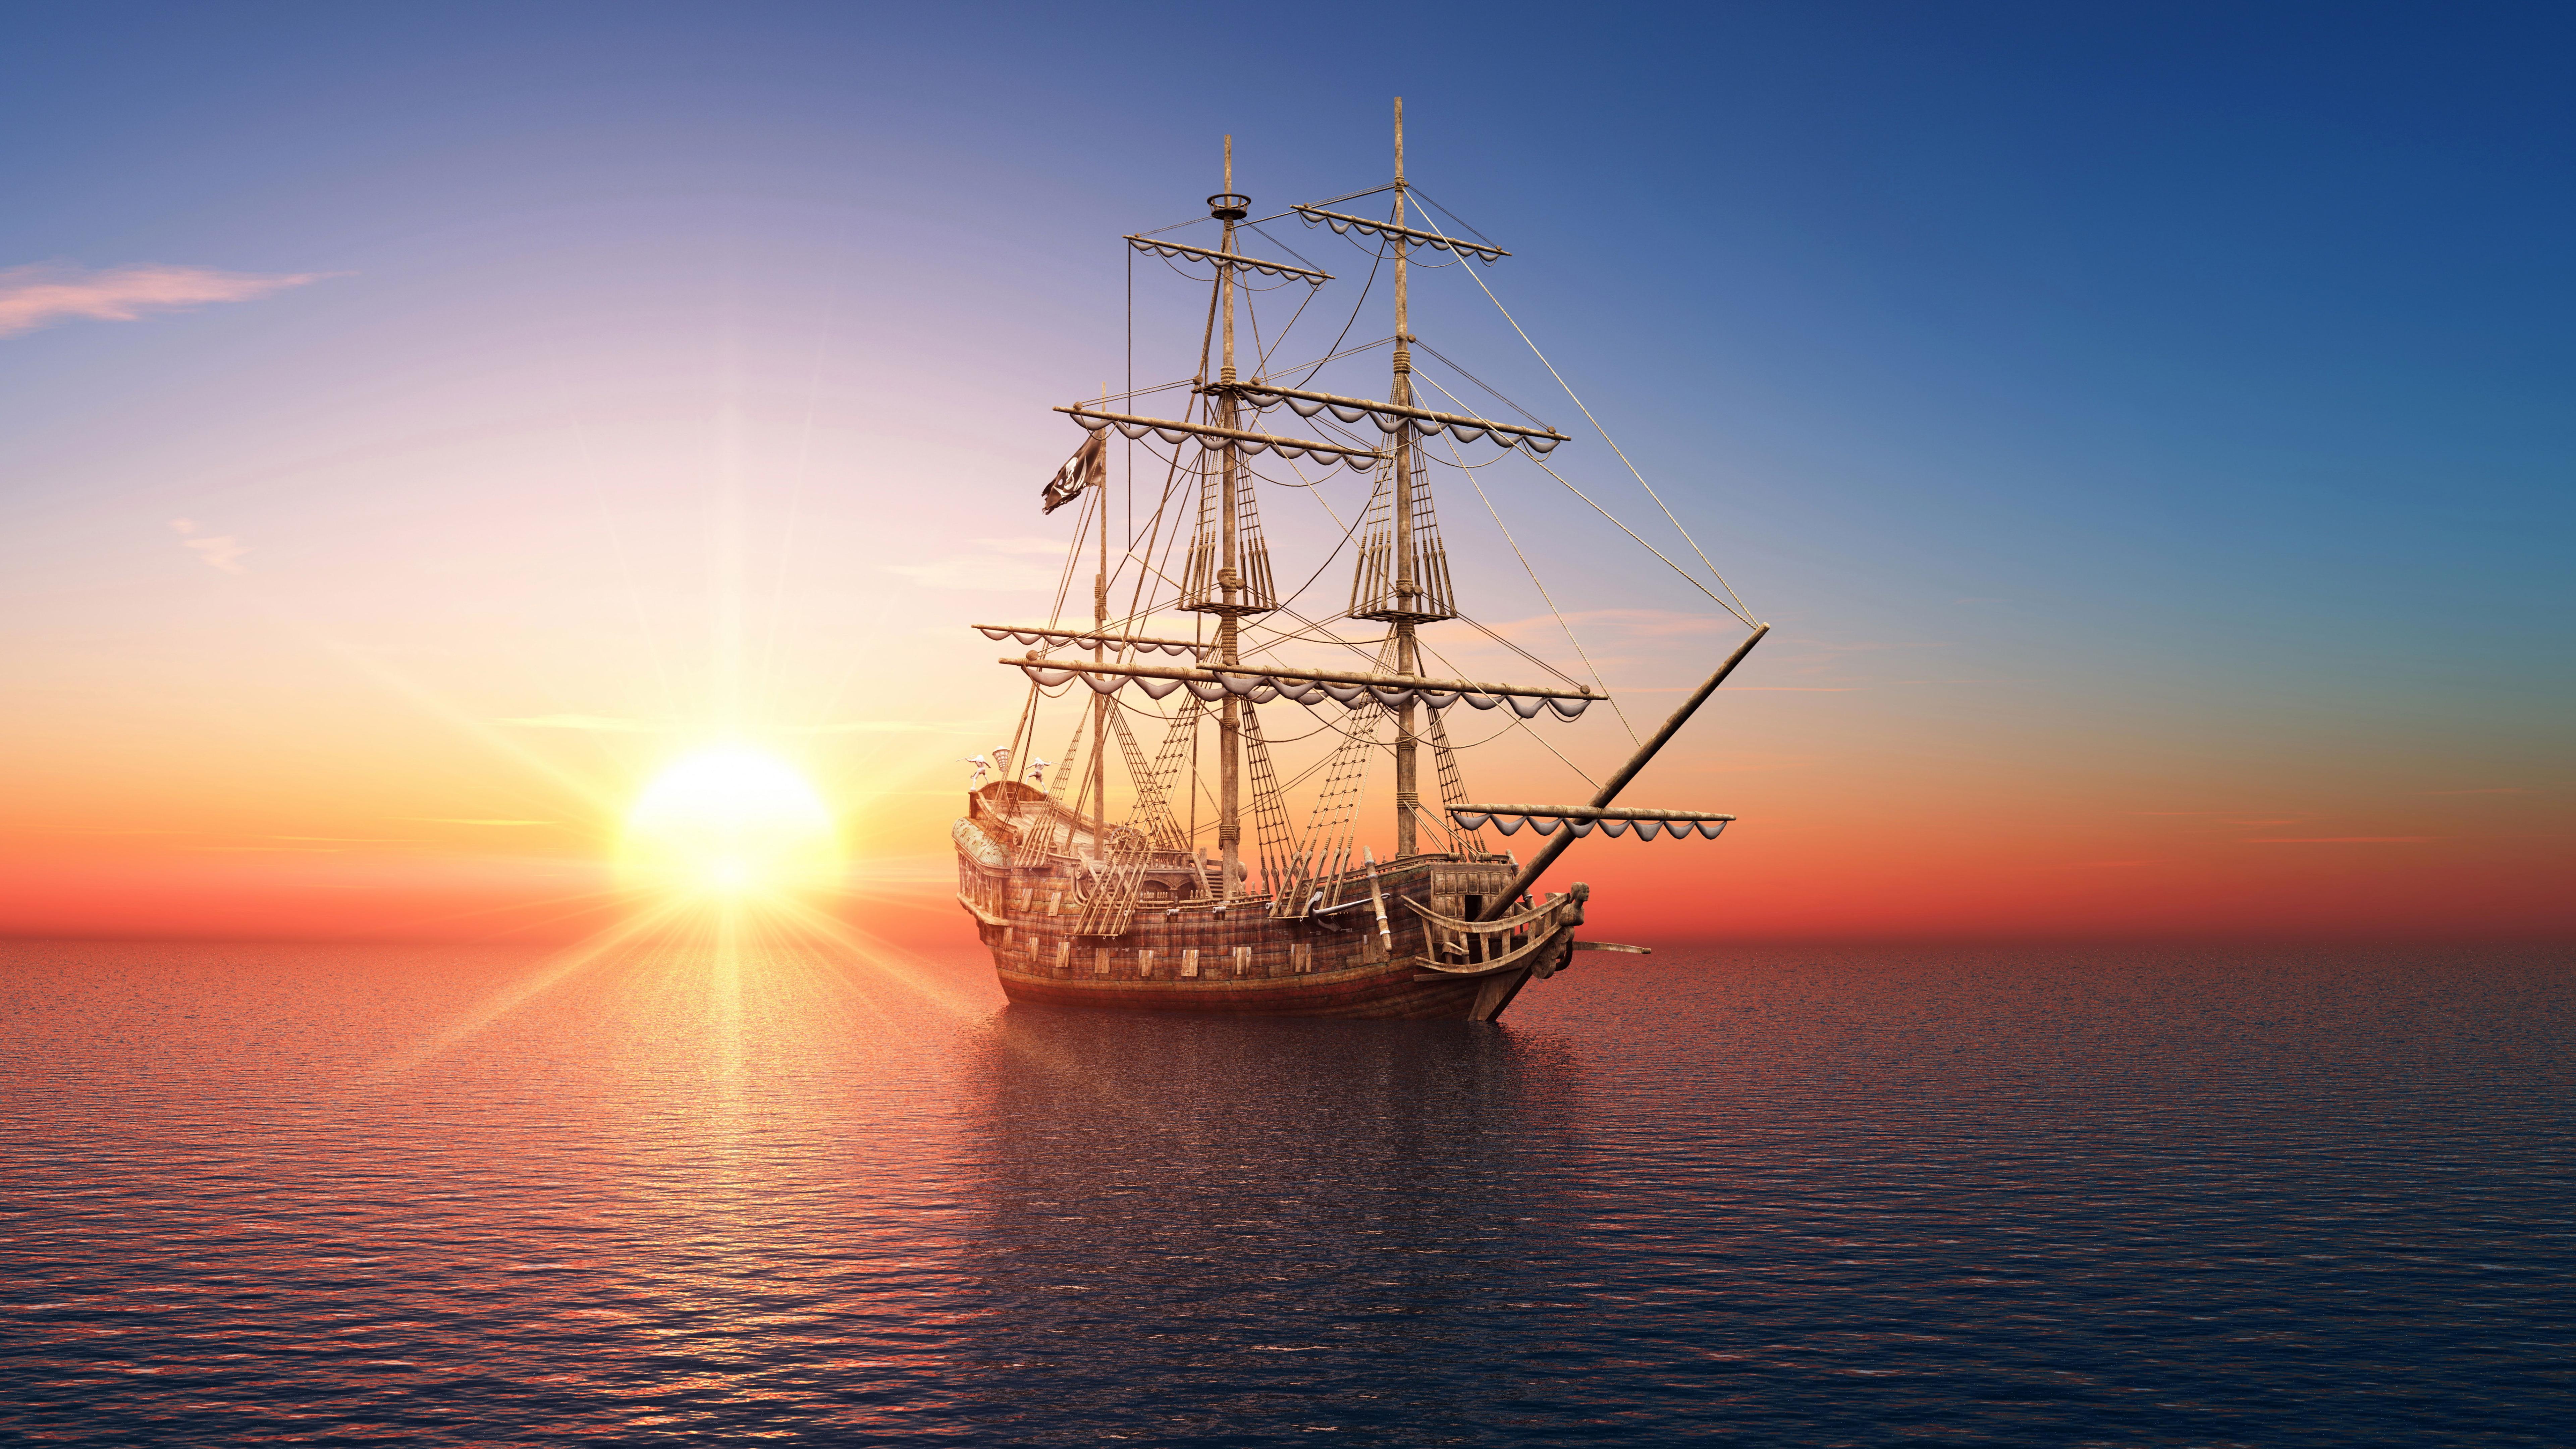 сказочный корабль с парусами скачать